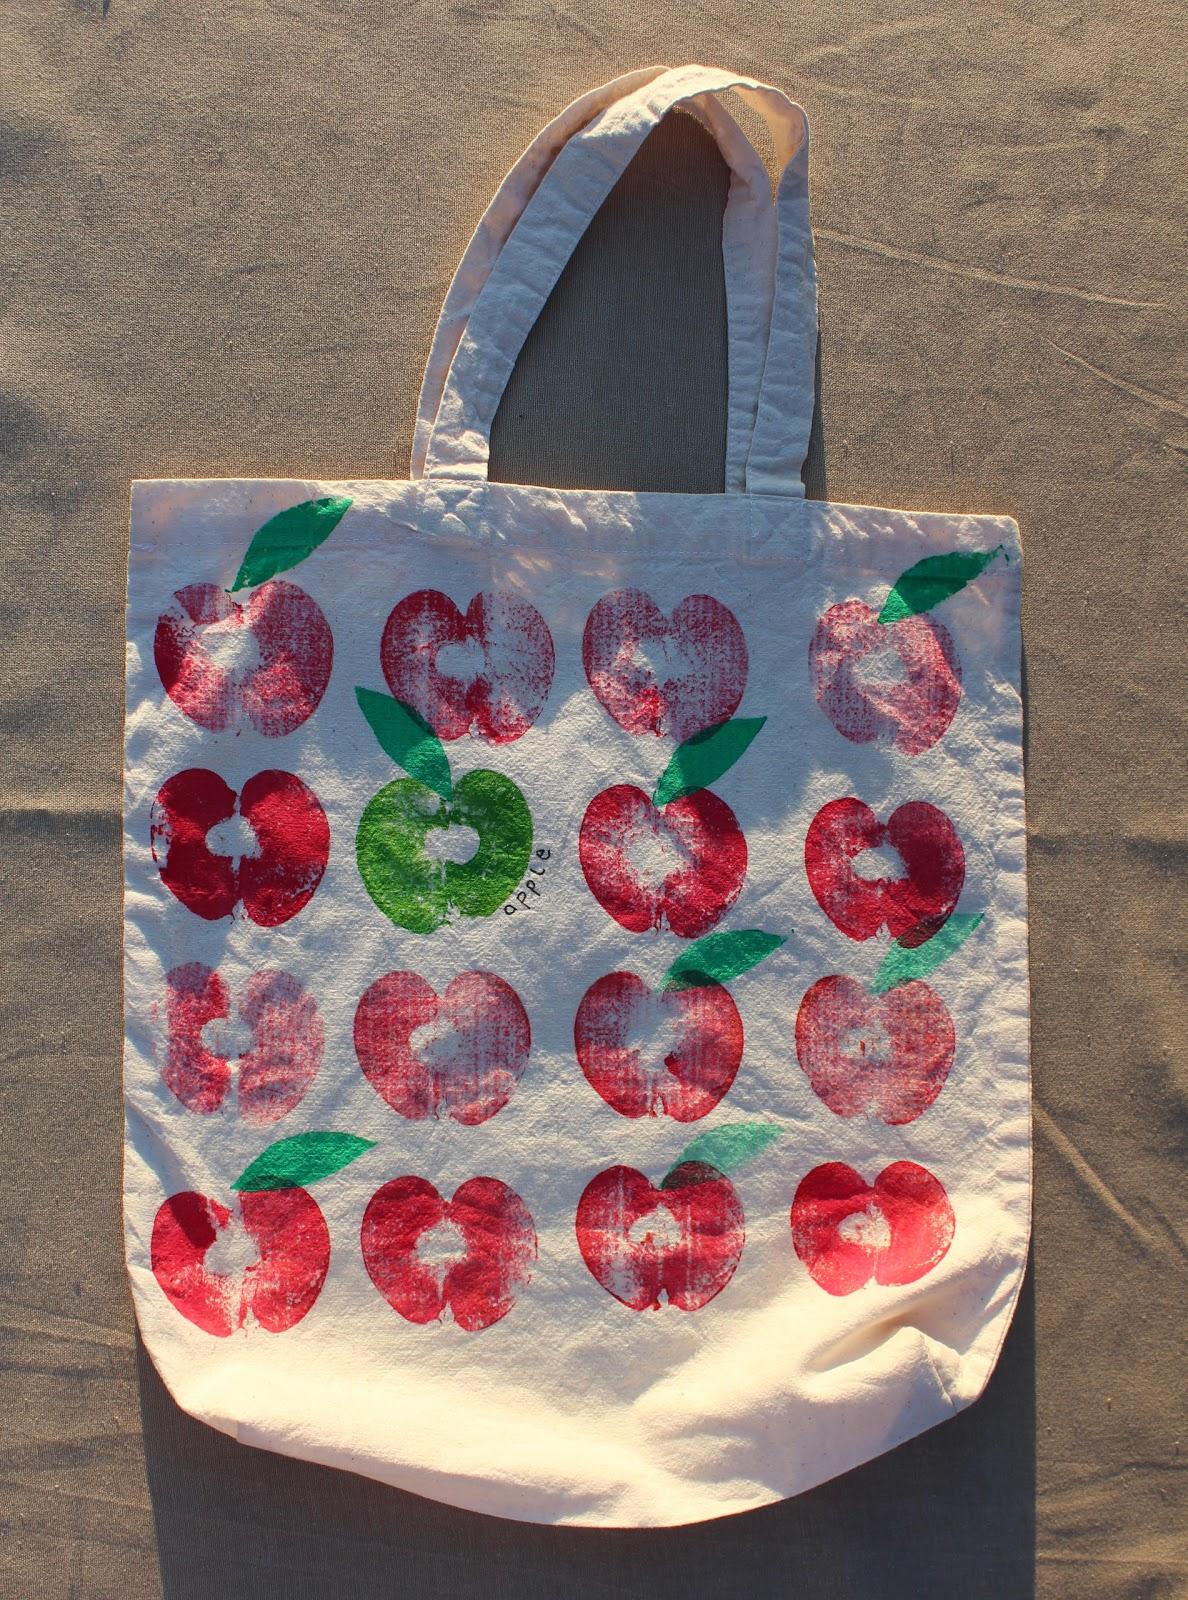 Küchentücher Bedrucken Mit Kindern ~ mimismami apfeltaschen stofftaschen mit obst bedrucken